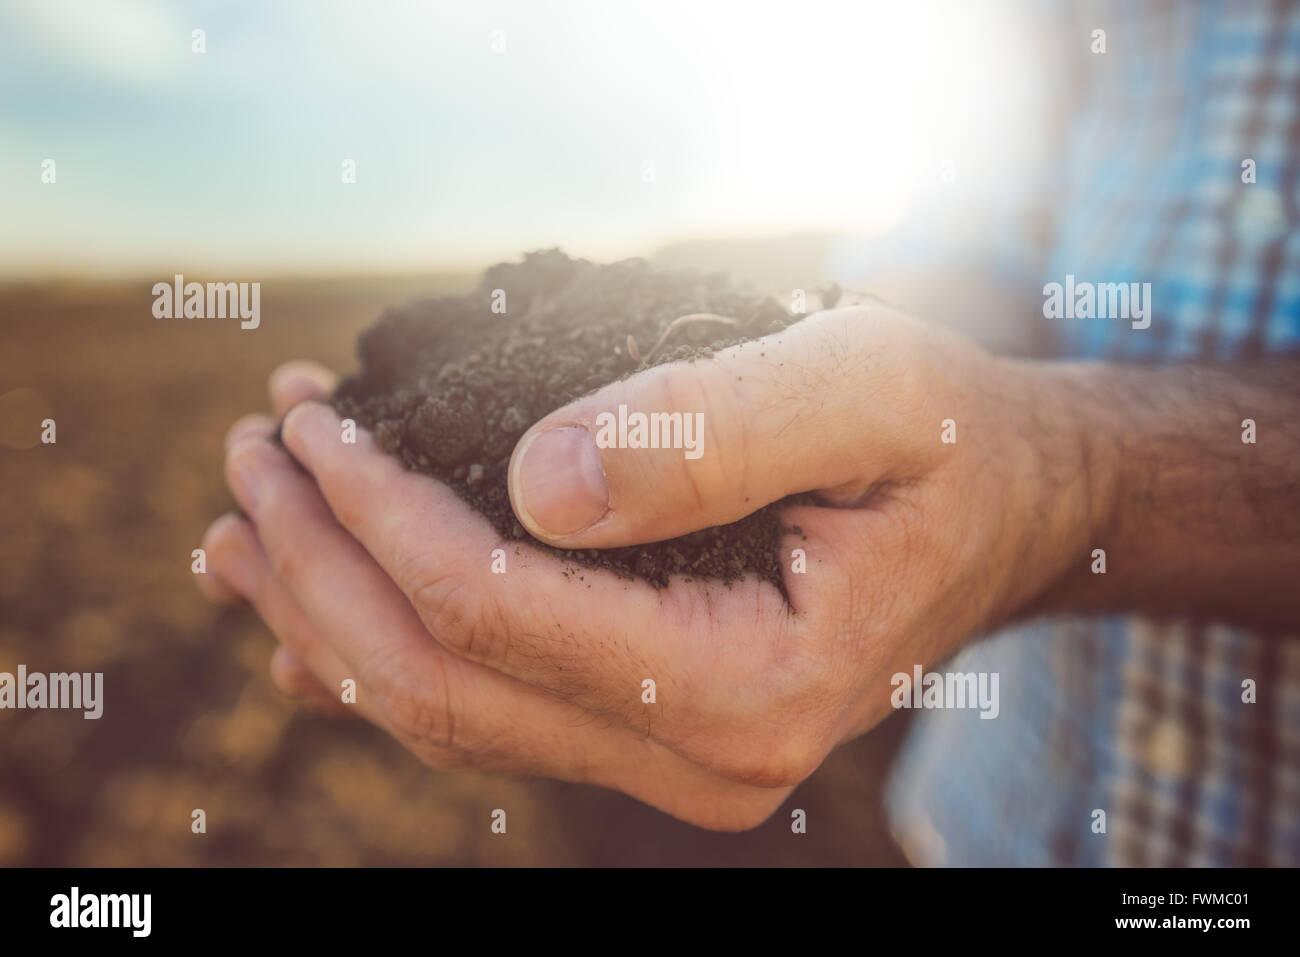 Farmer holding pile de sols arables, l'examen de la qualité de l'agronome mâles des terres agricoles fertiles, Close Banque D'Images